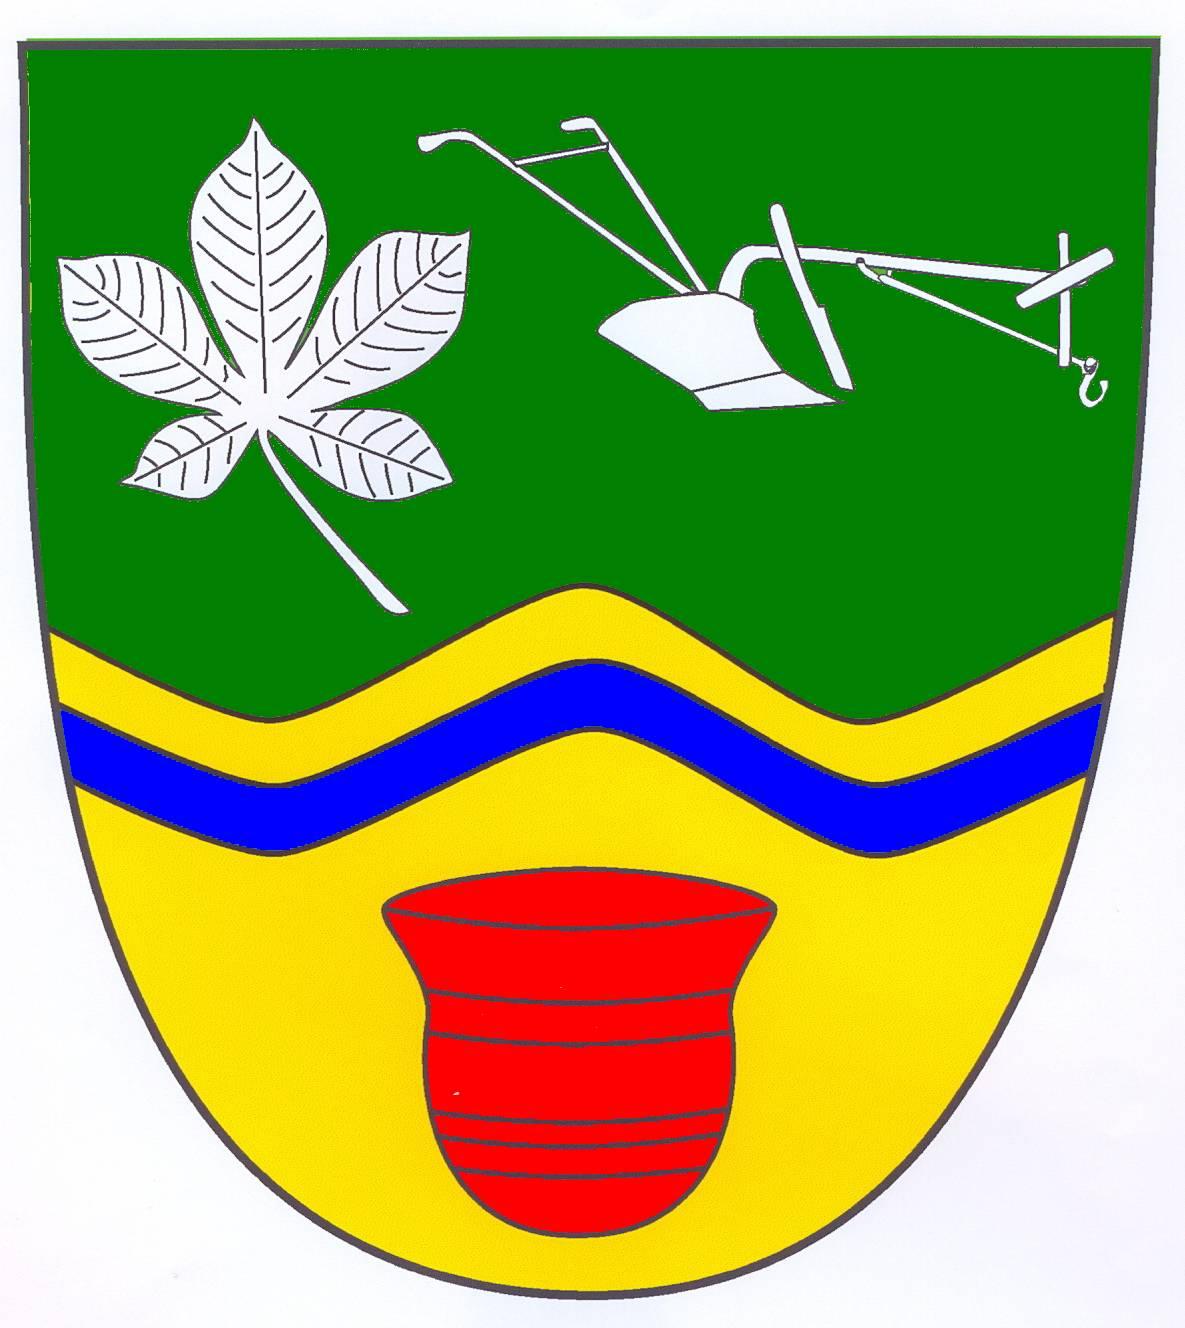 Wappen GemeindeGrove, Kreis Herzogtum Lauenburg